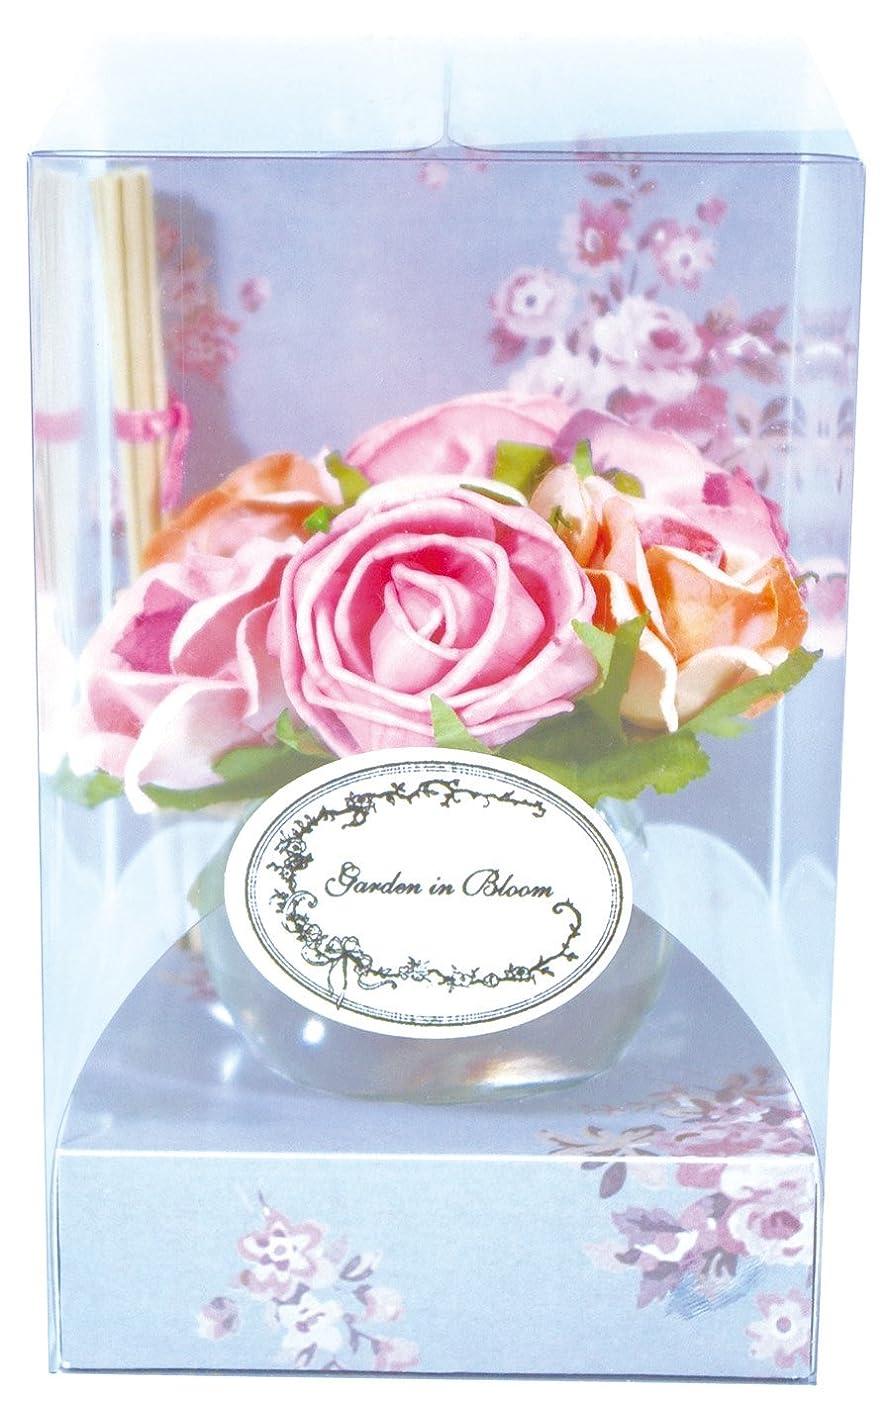 自治に頼る右ノルコーポレーション ガーデンインブルーム ルームフレグランス ローズベルジュの香り 70ml OA-GIB-2-1